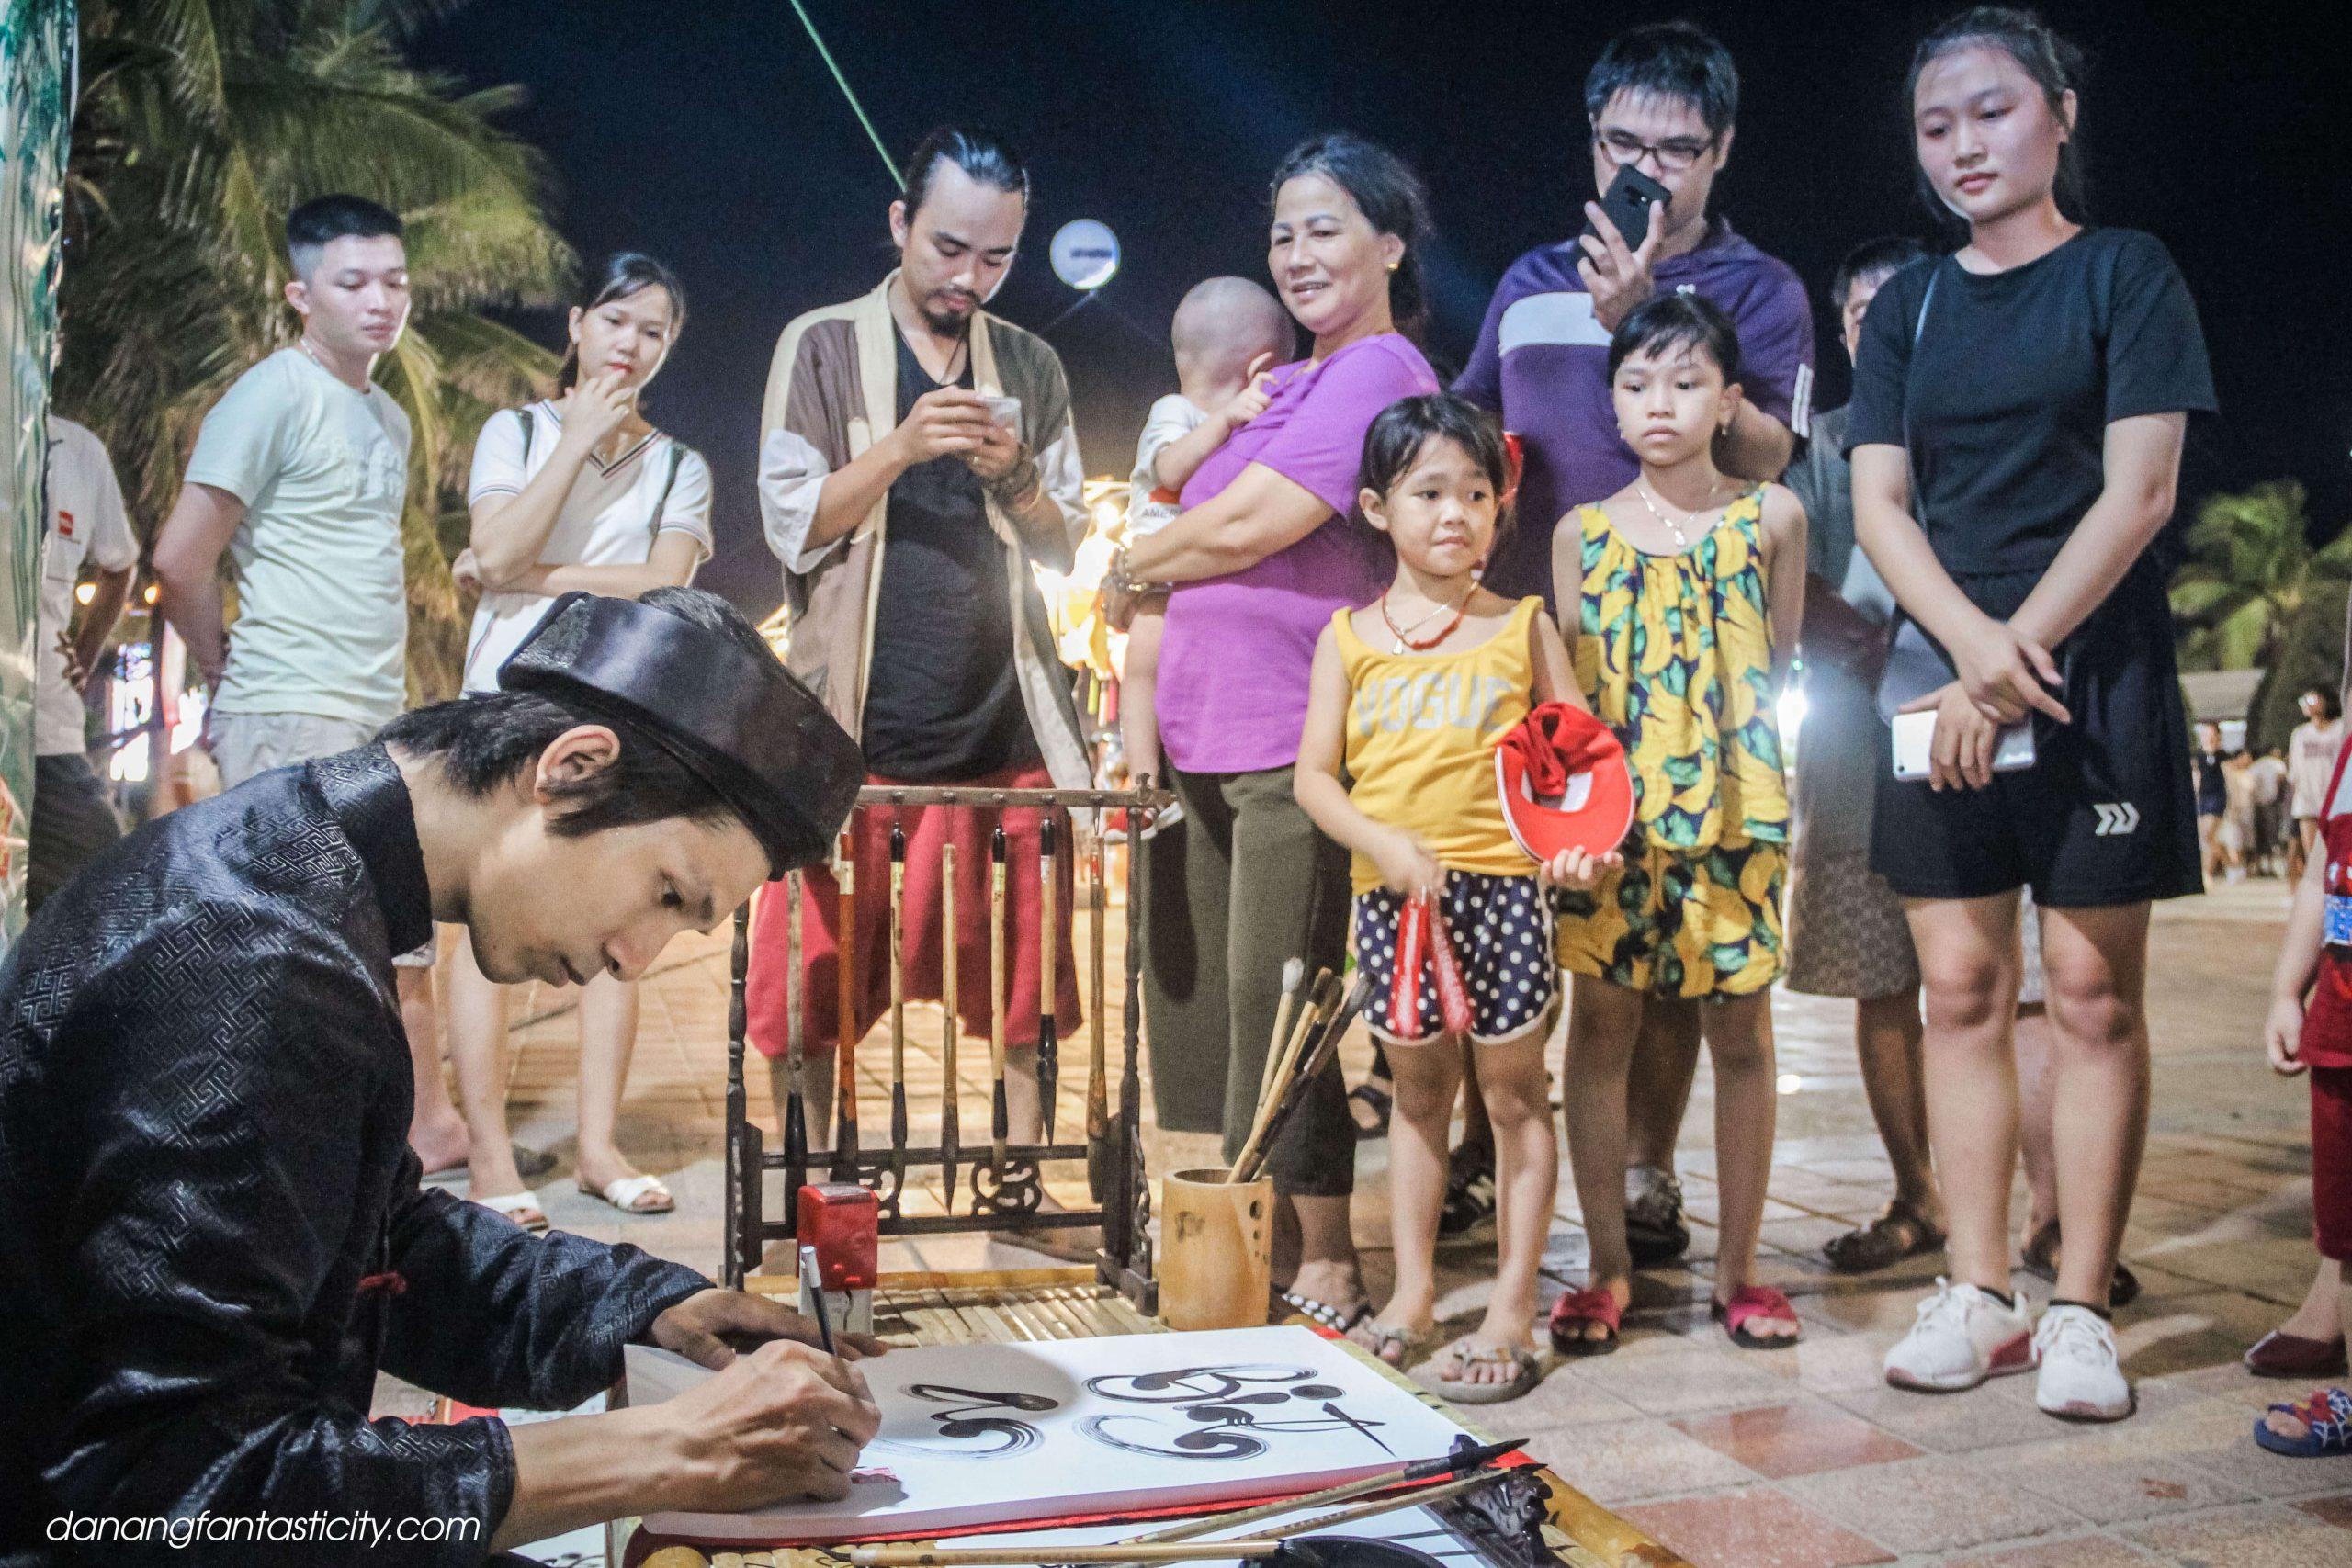 Chuong Trinh Le Hoi Tuyet Voi Da Nang 2020 Du Kien Dien Ra Vao Thang 6 2020 09